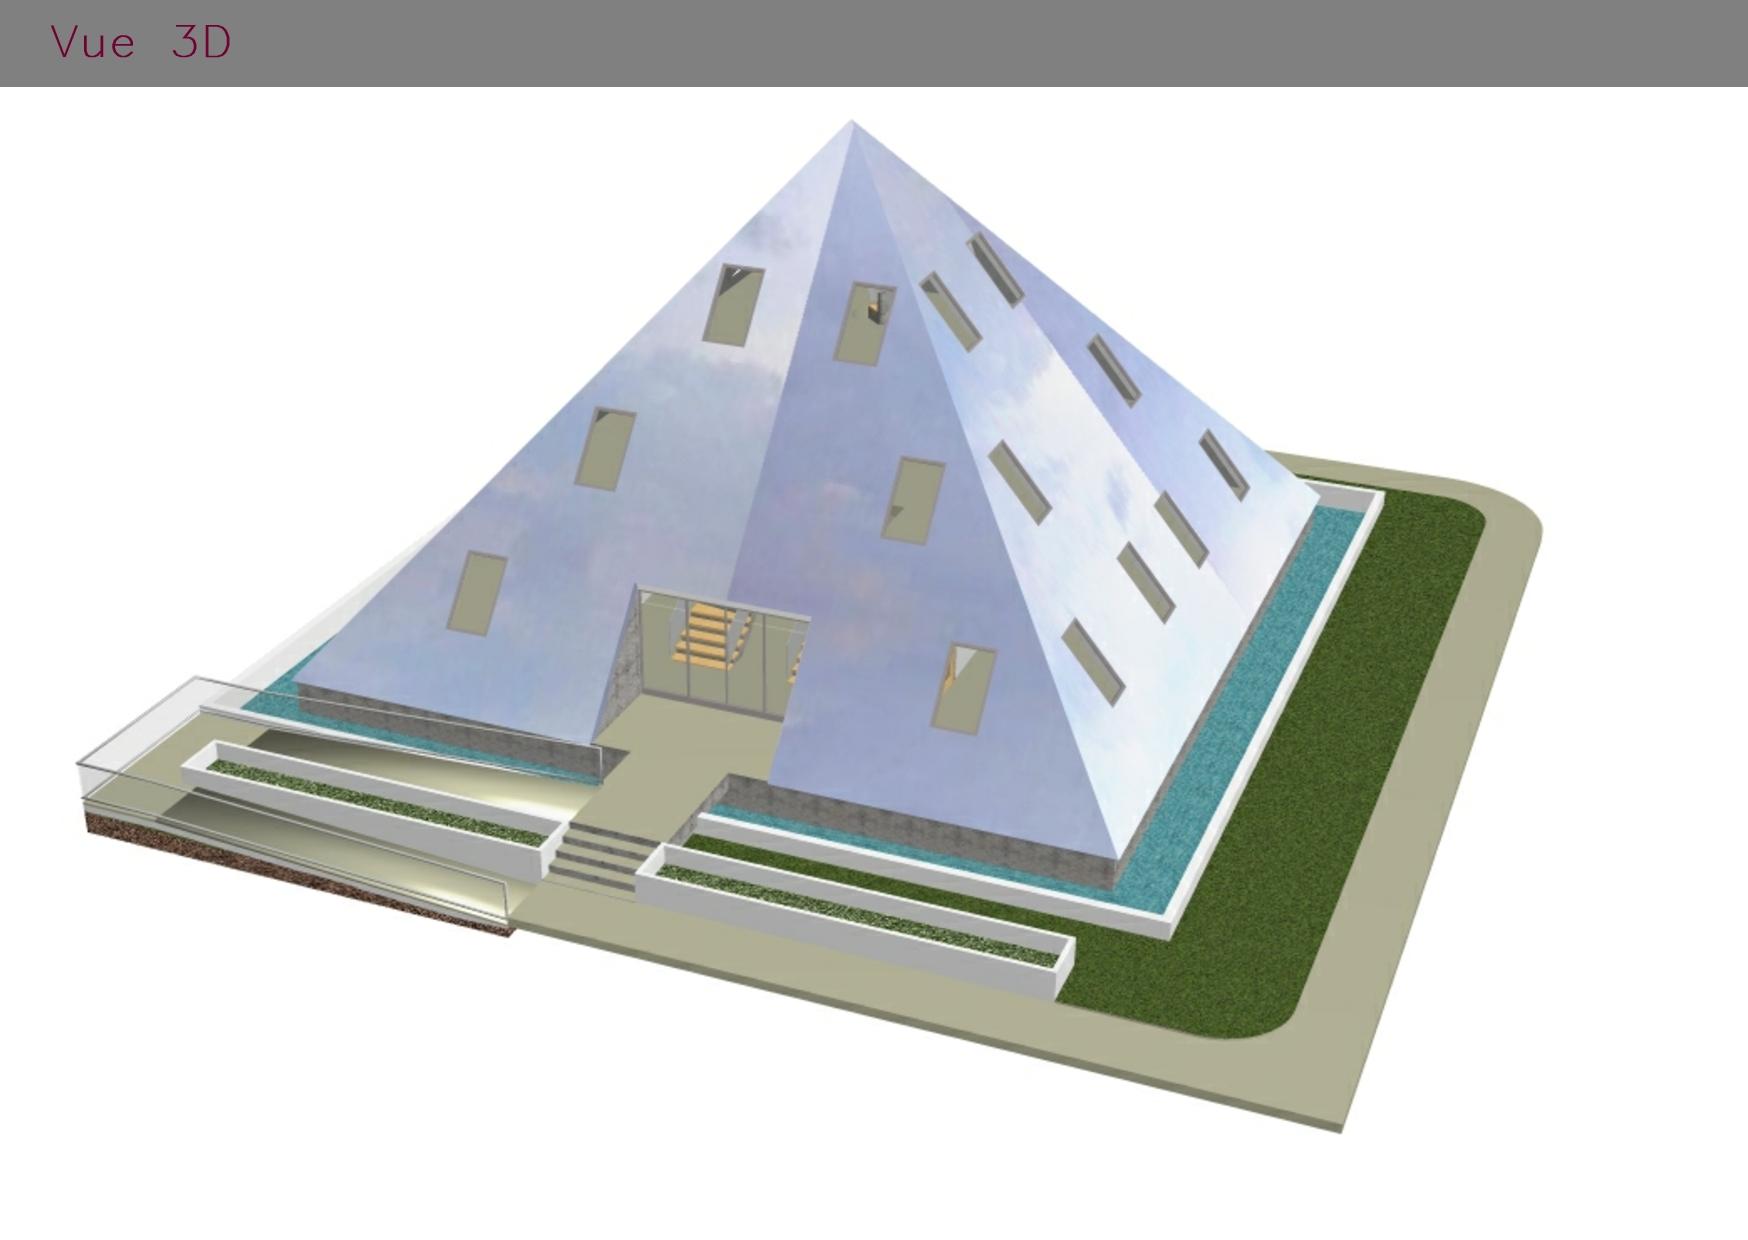 Modélisation en 3D d'un bâtiment en pyramide